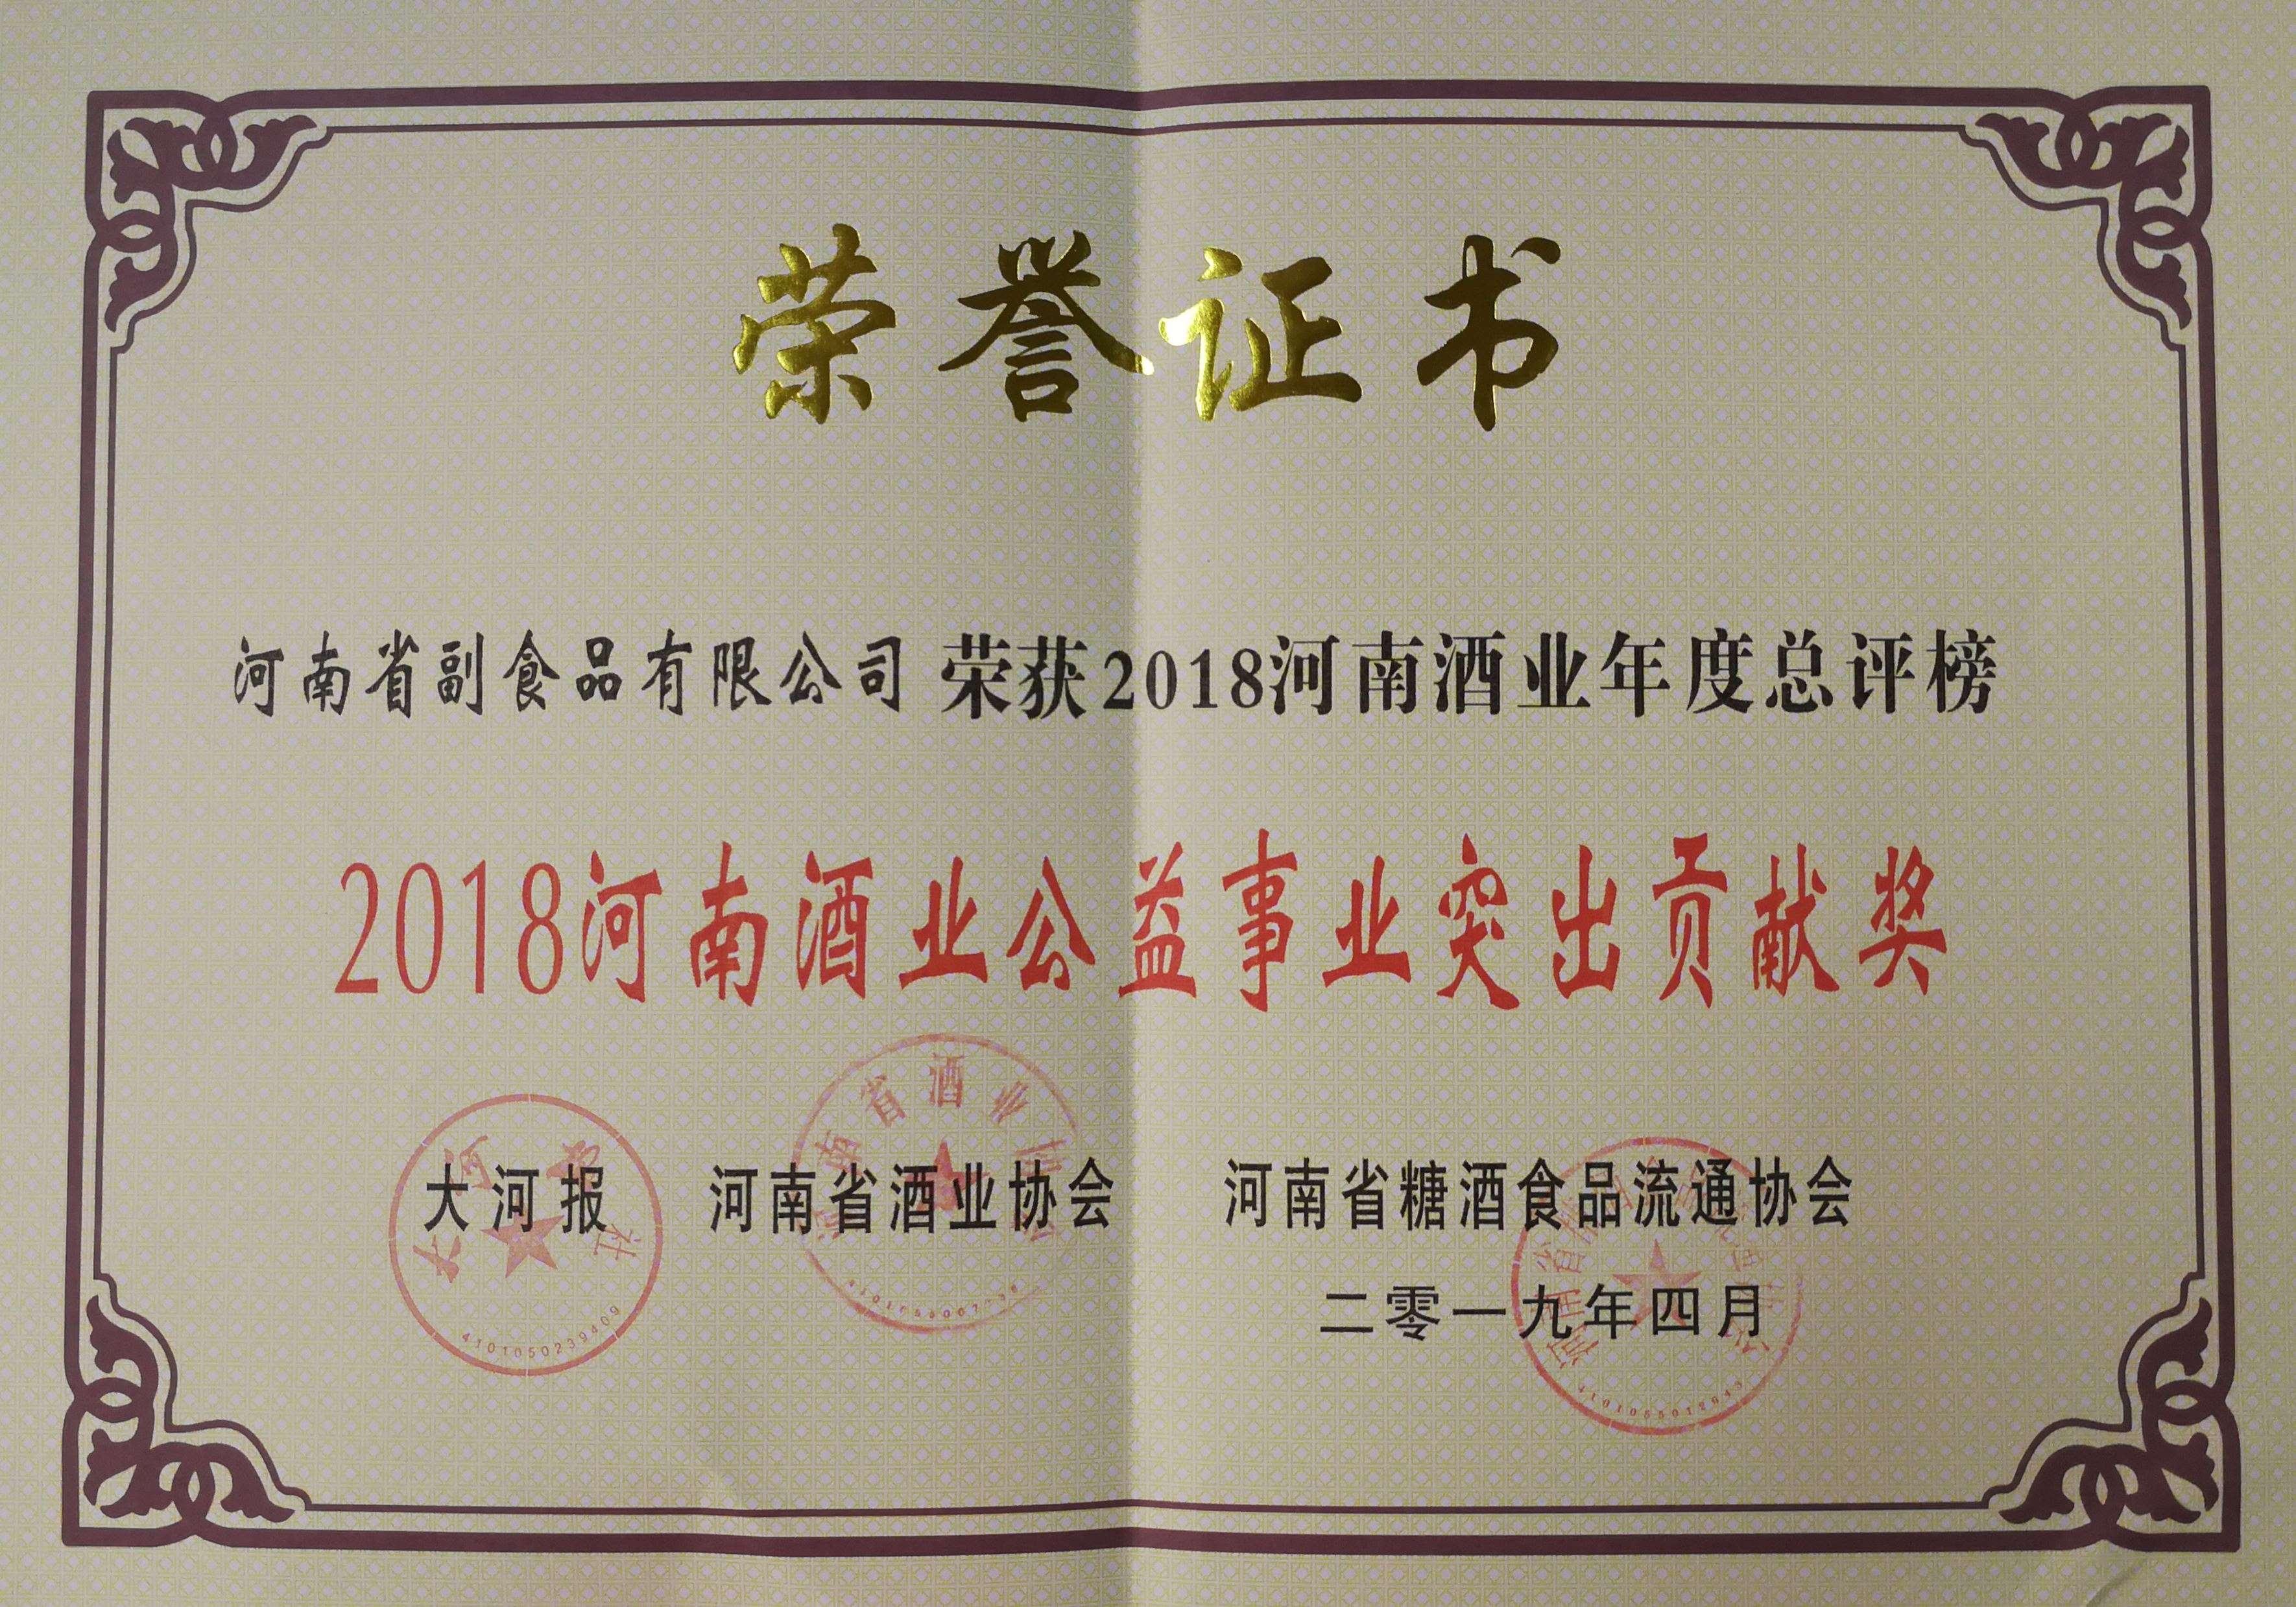 2018西安酒业公益事业突出贡献奖